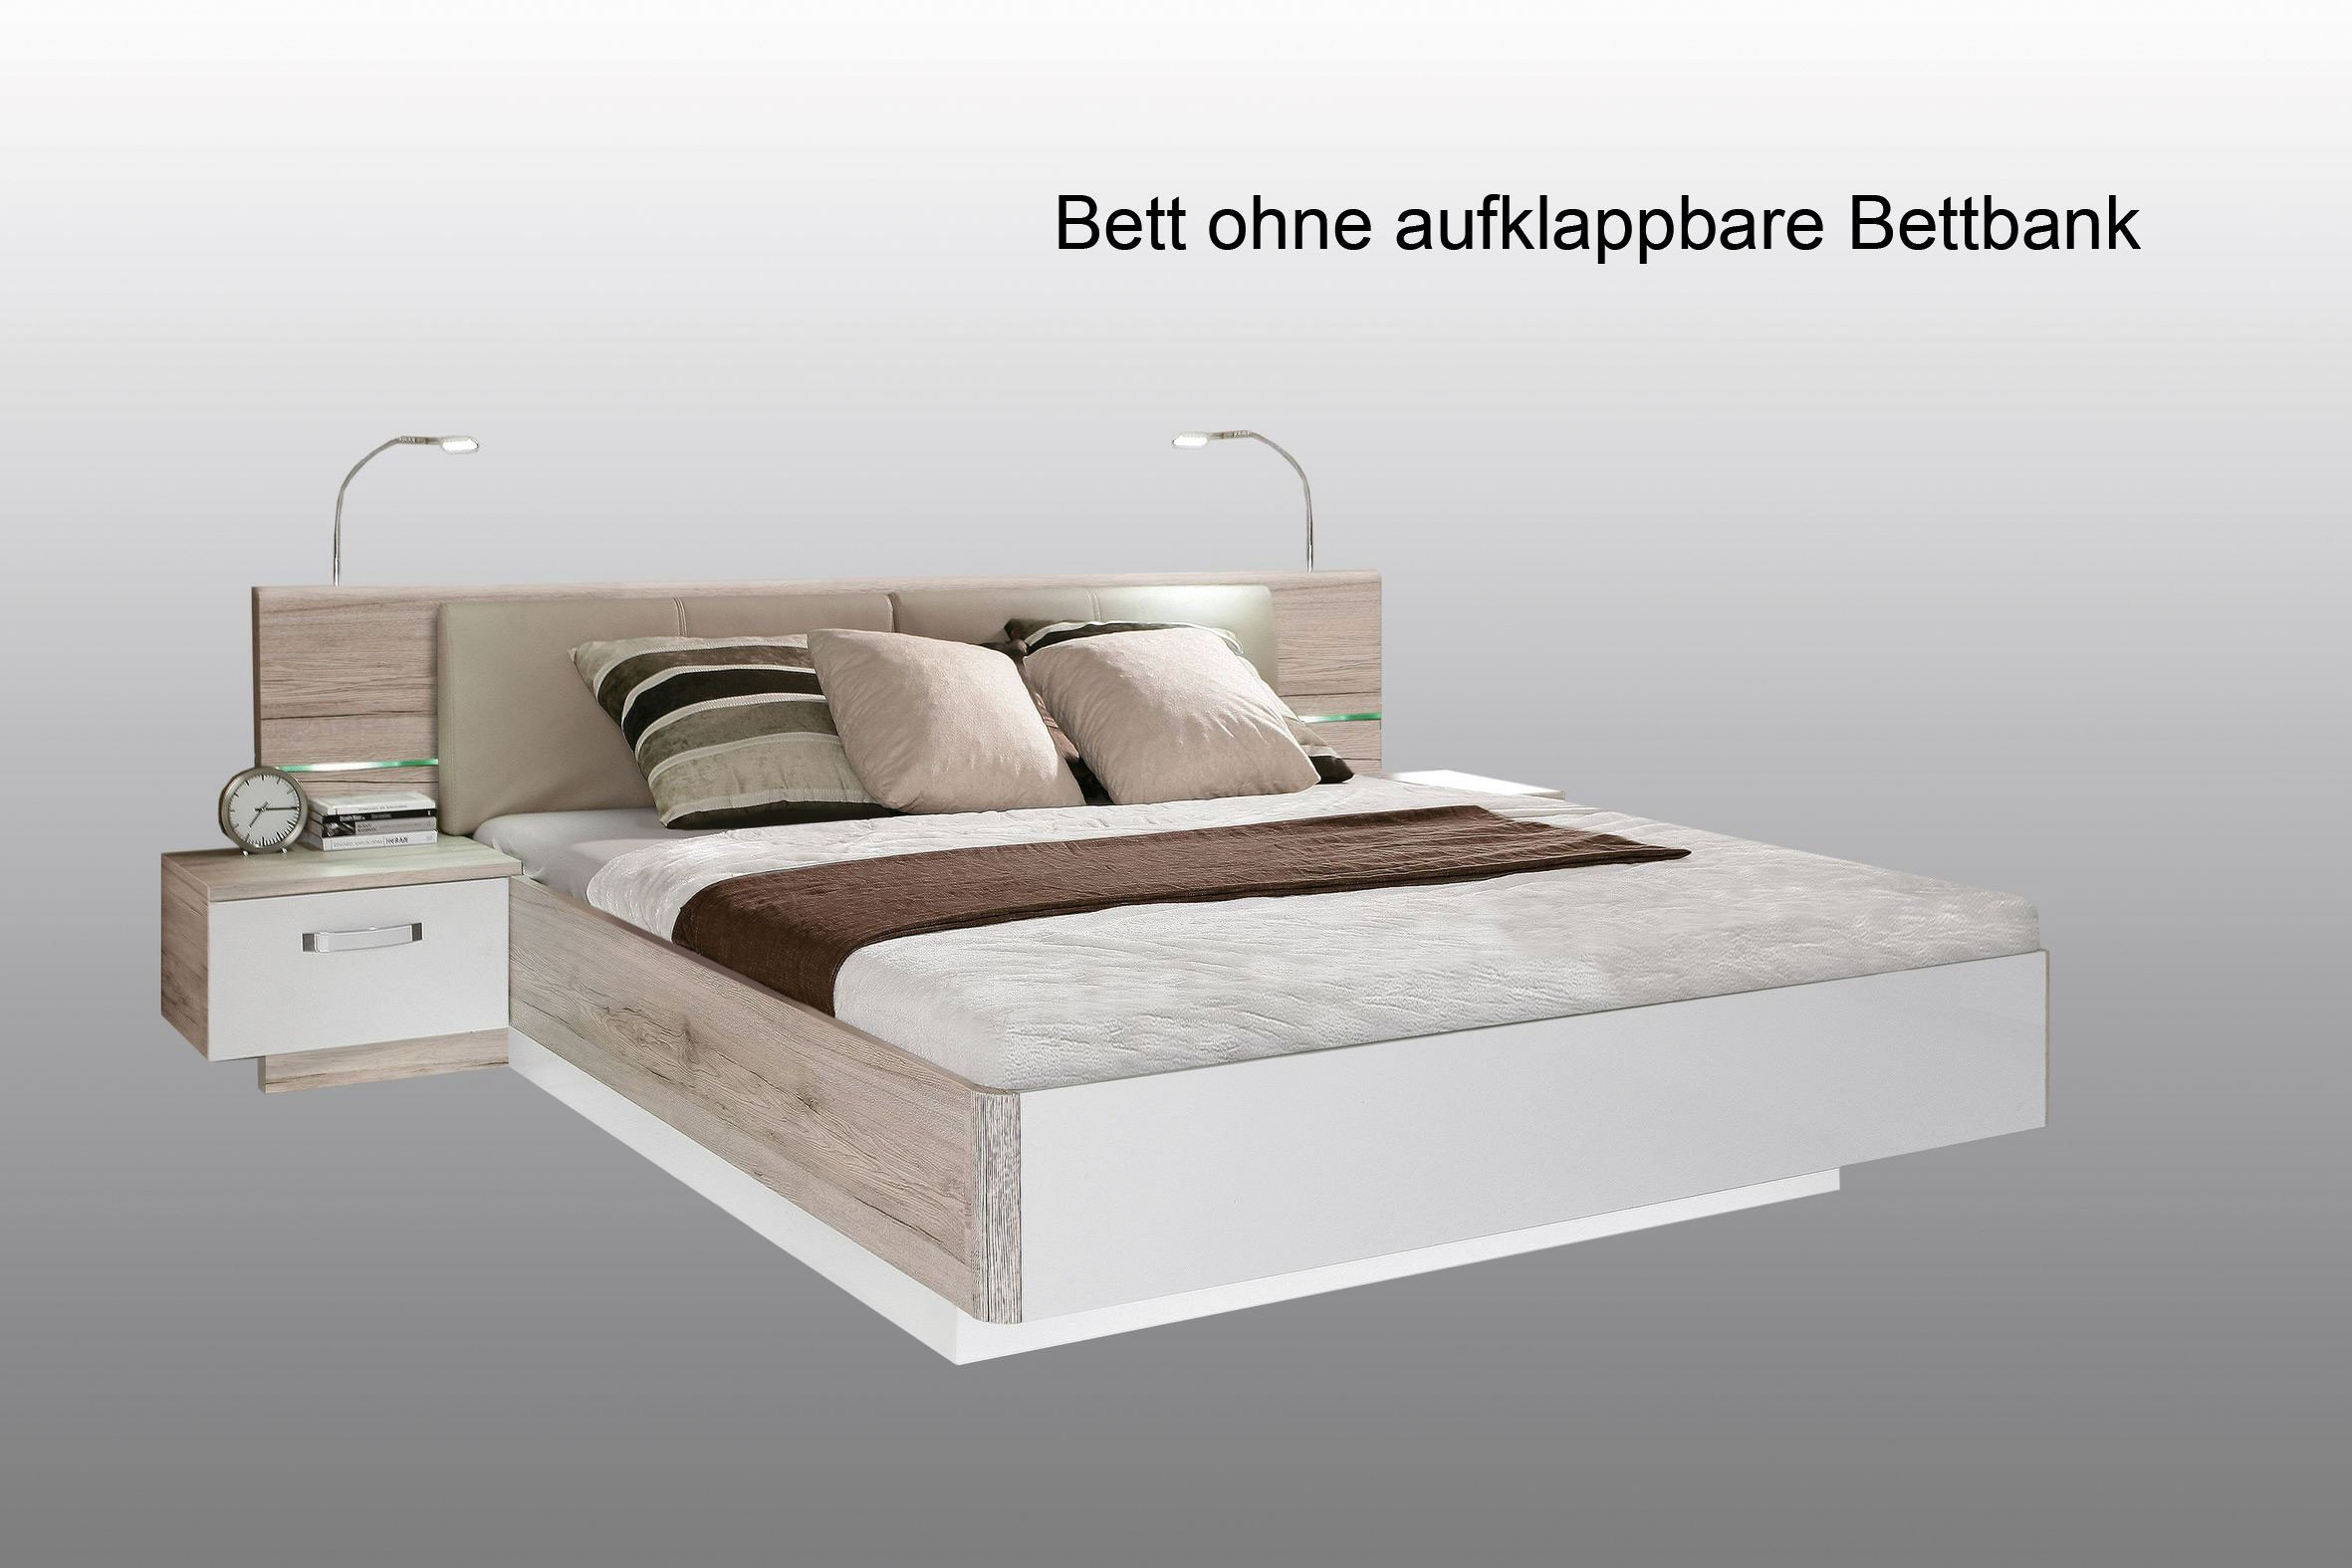 Full Size of Weißes Bett 160x200 Rondino Von Forte Beton Optik Hochglanz Wei Mbel Letz 140x200 Günstig Flexa Betten Für Teenager Amerikanisches Massiv 180x200 Baza Bett Weißes Bett 160x200